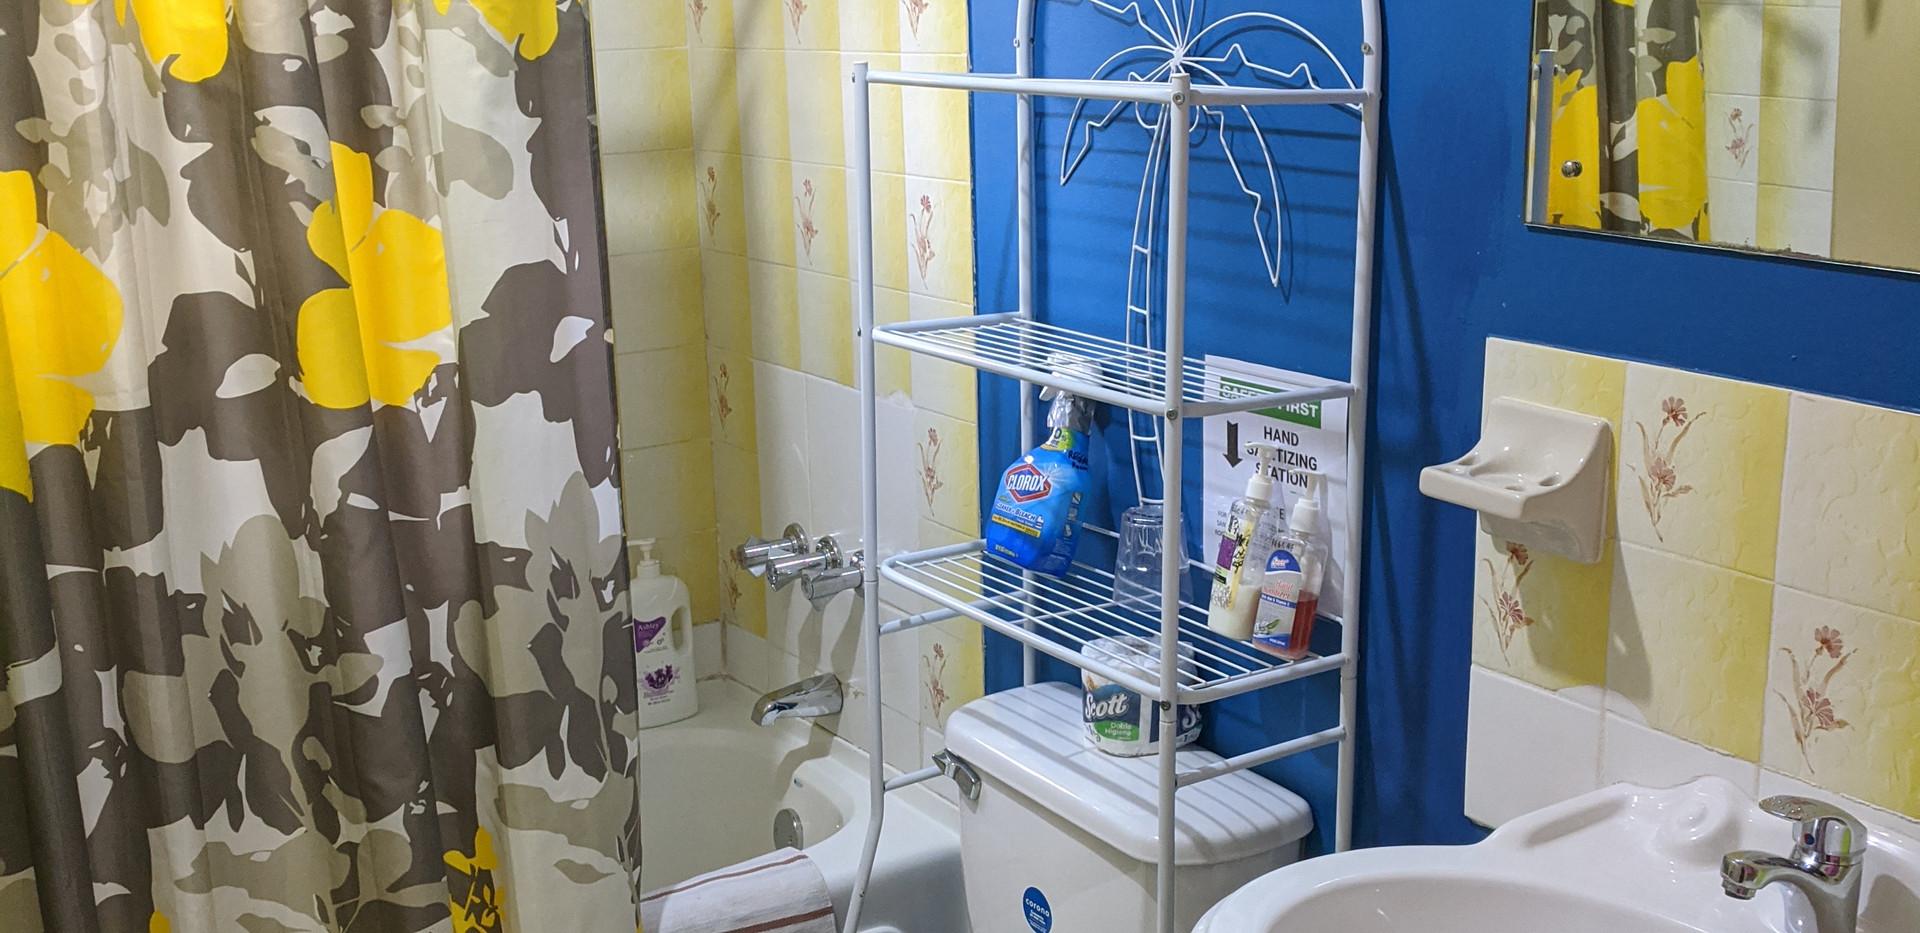 Reggae Room - Bathroom